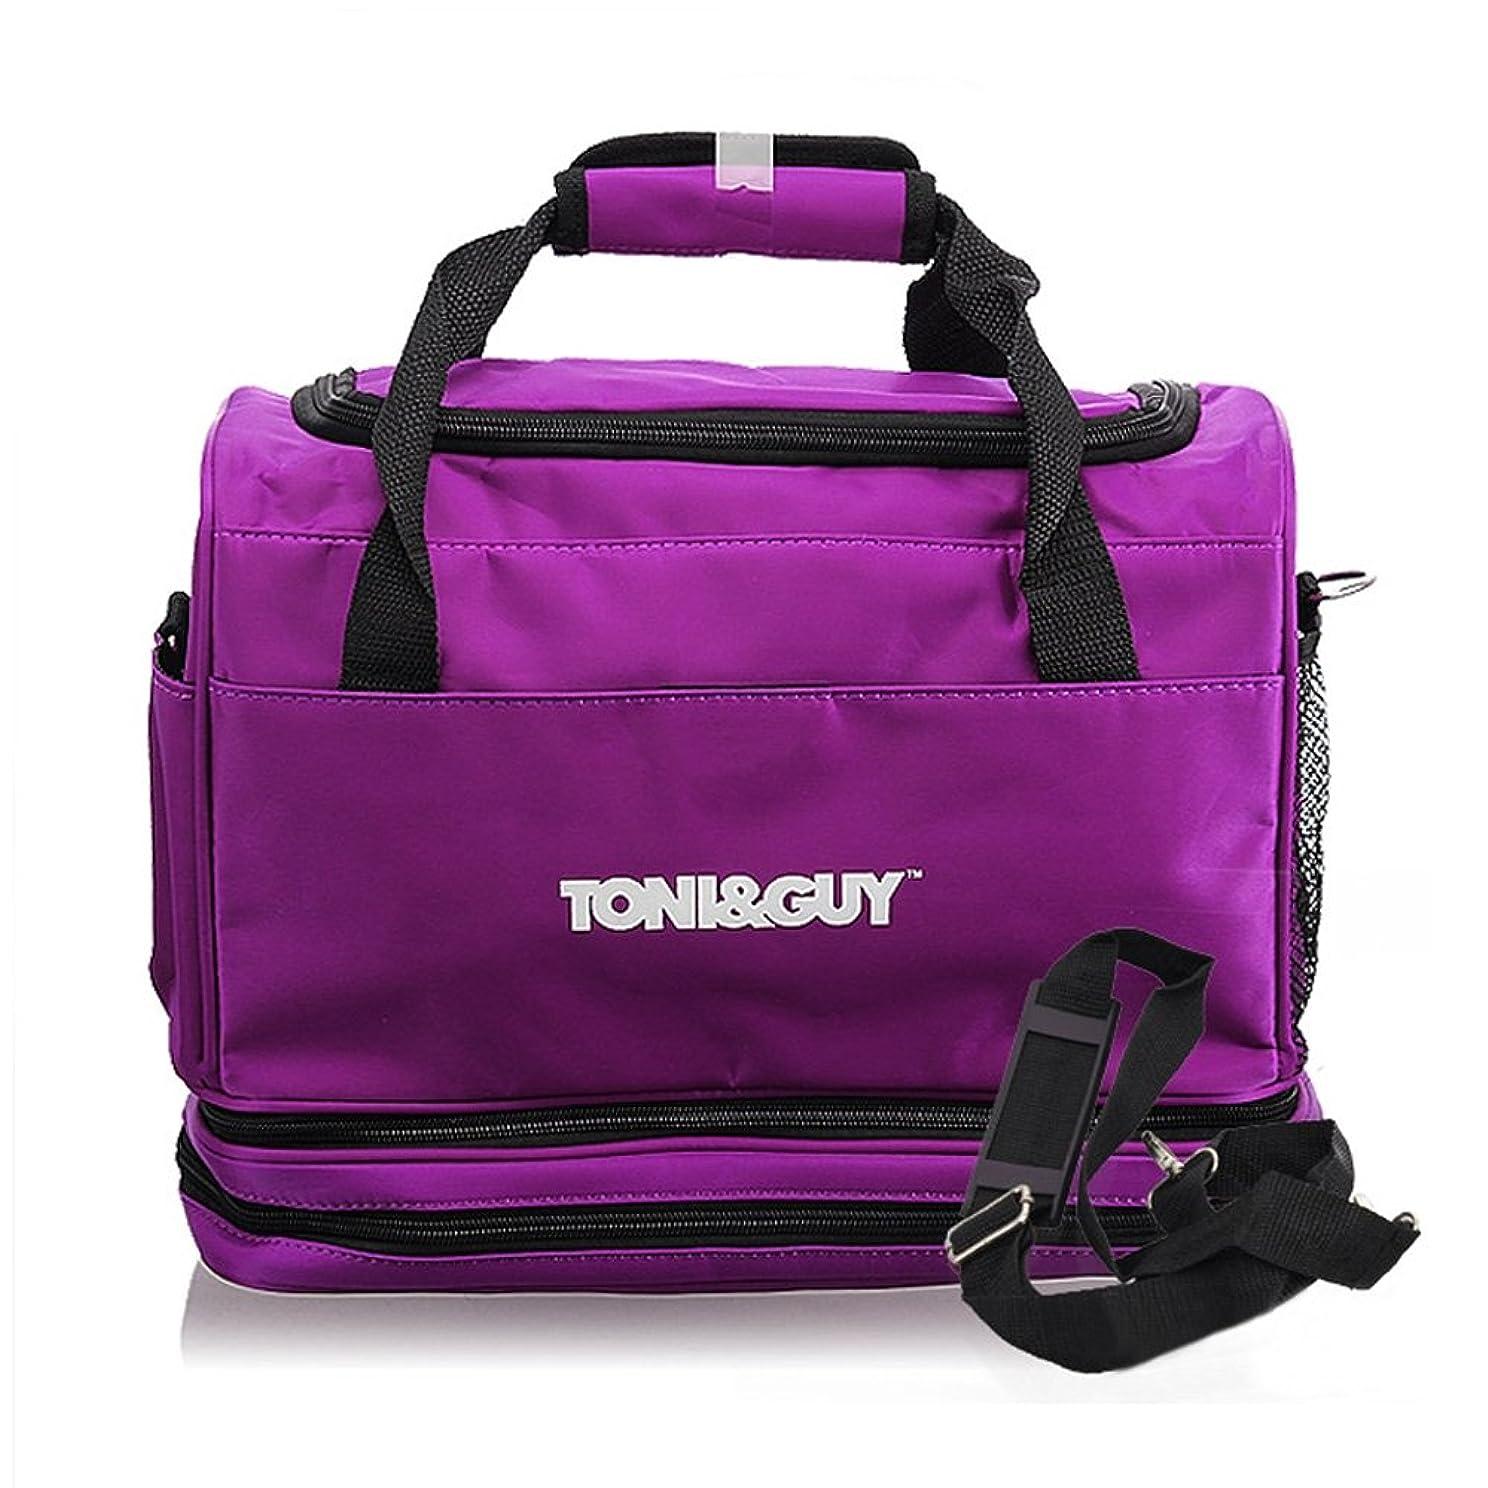 悲しみ銛番目美容師 シザーバッグ Hair Tools Bag Hairdressing Carry Case 脱着 ストラップ Hair Tools Organizer Bag for Hairdressers 【ヘアツール バッグ】並行輸入